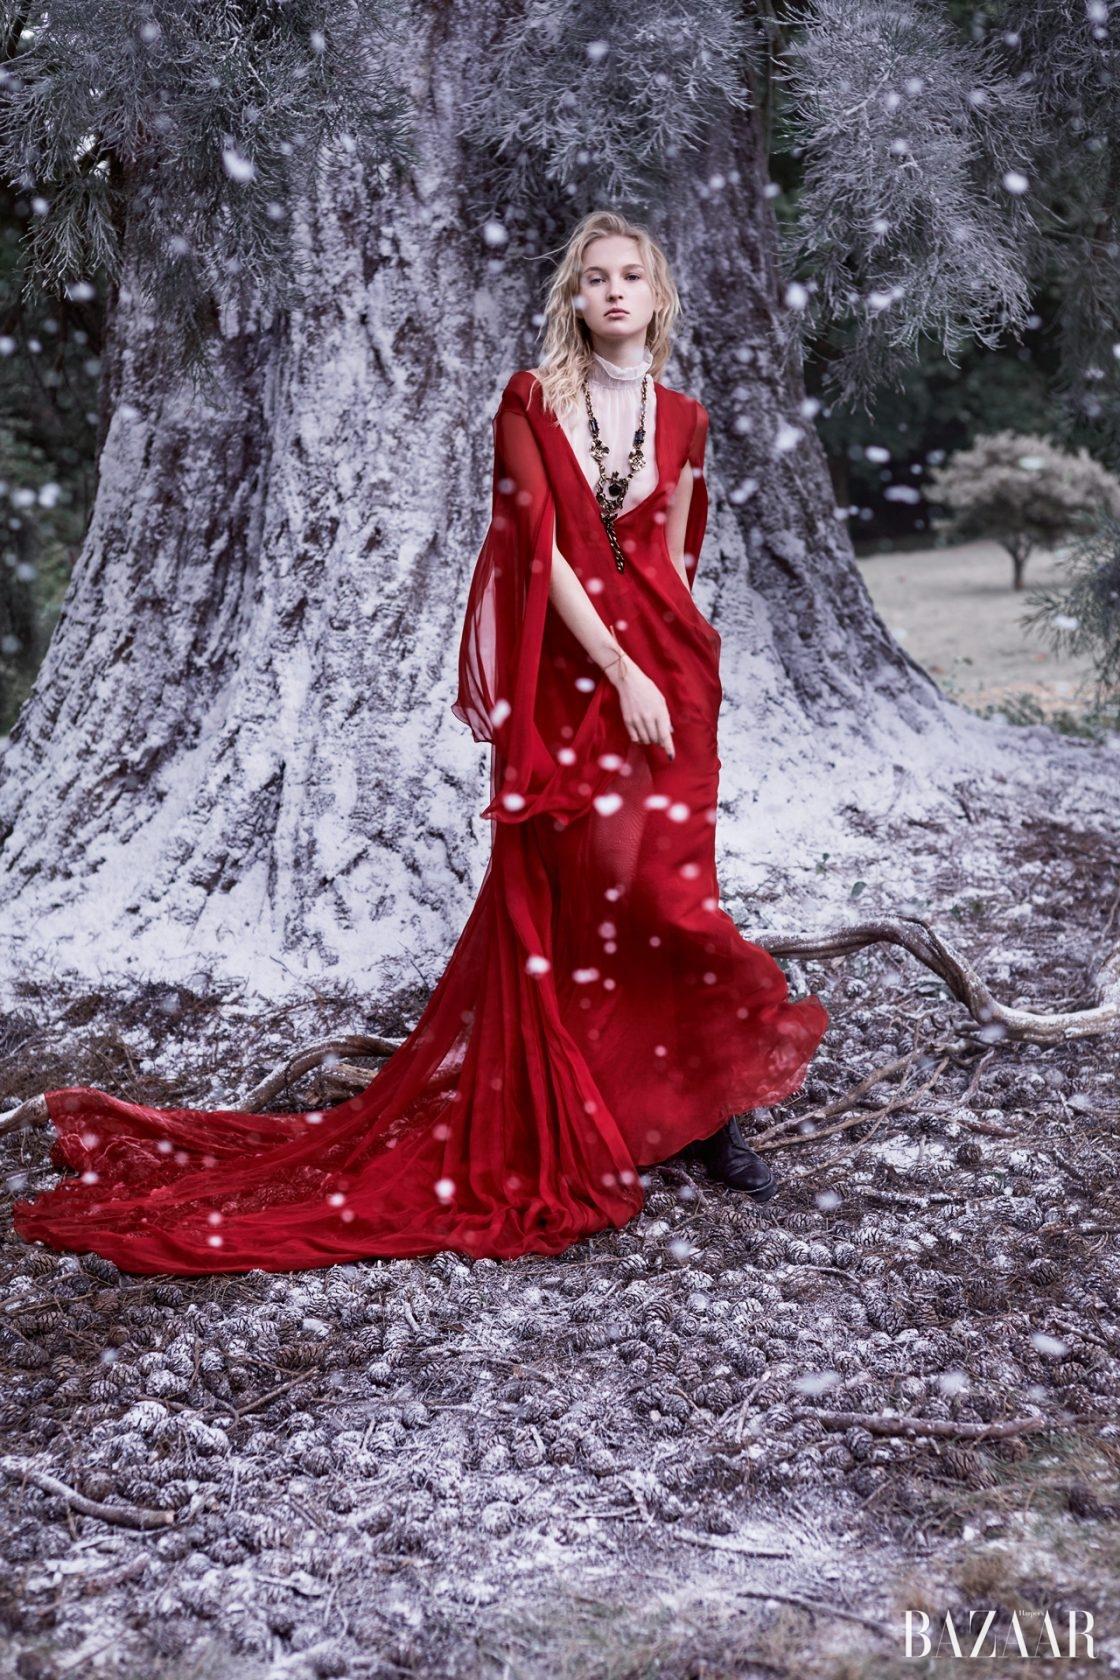 시폰 드레스,시스루 보디수트, 메탈 목걸이,가죽 부츠는 모두 ValentinoHaute Couture 제품.